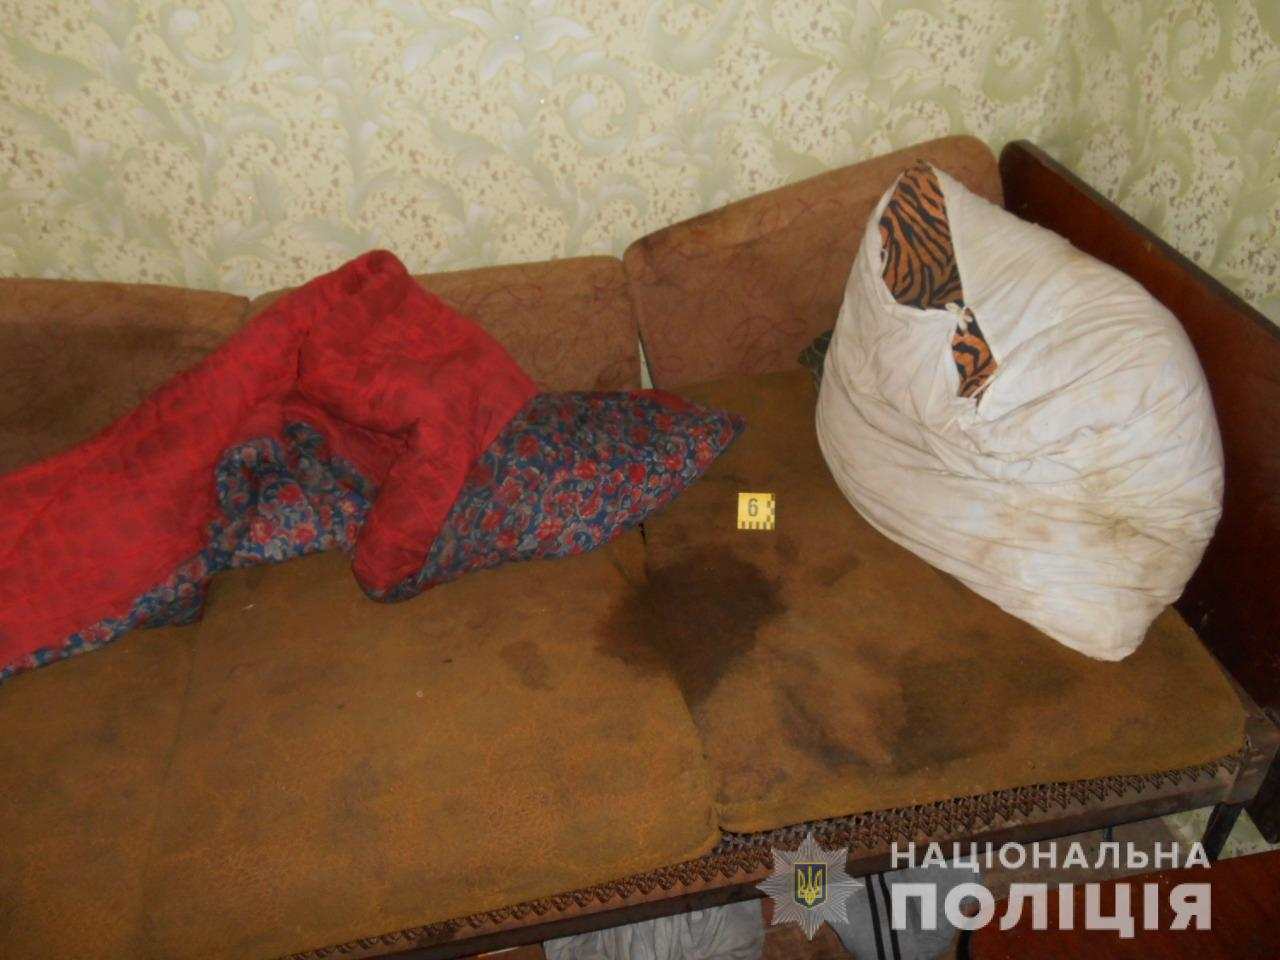 Криминал Харьков: Любовник зарезал подругу во время пьяной ссоры в Краснограде